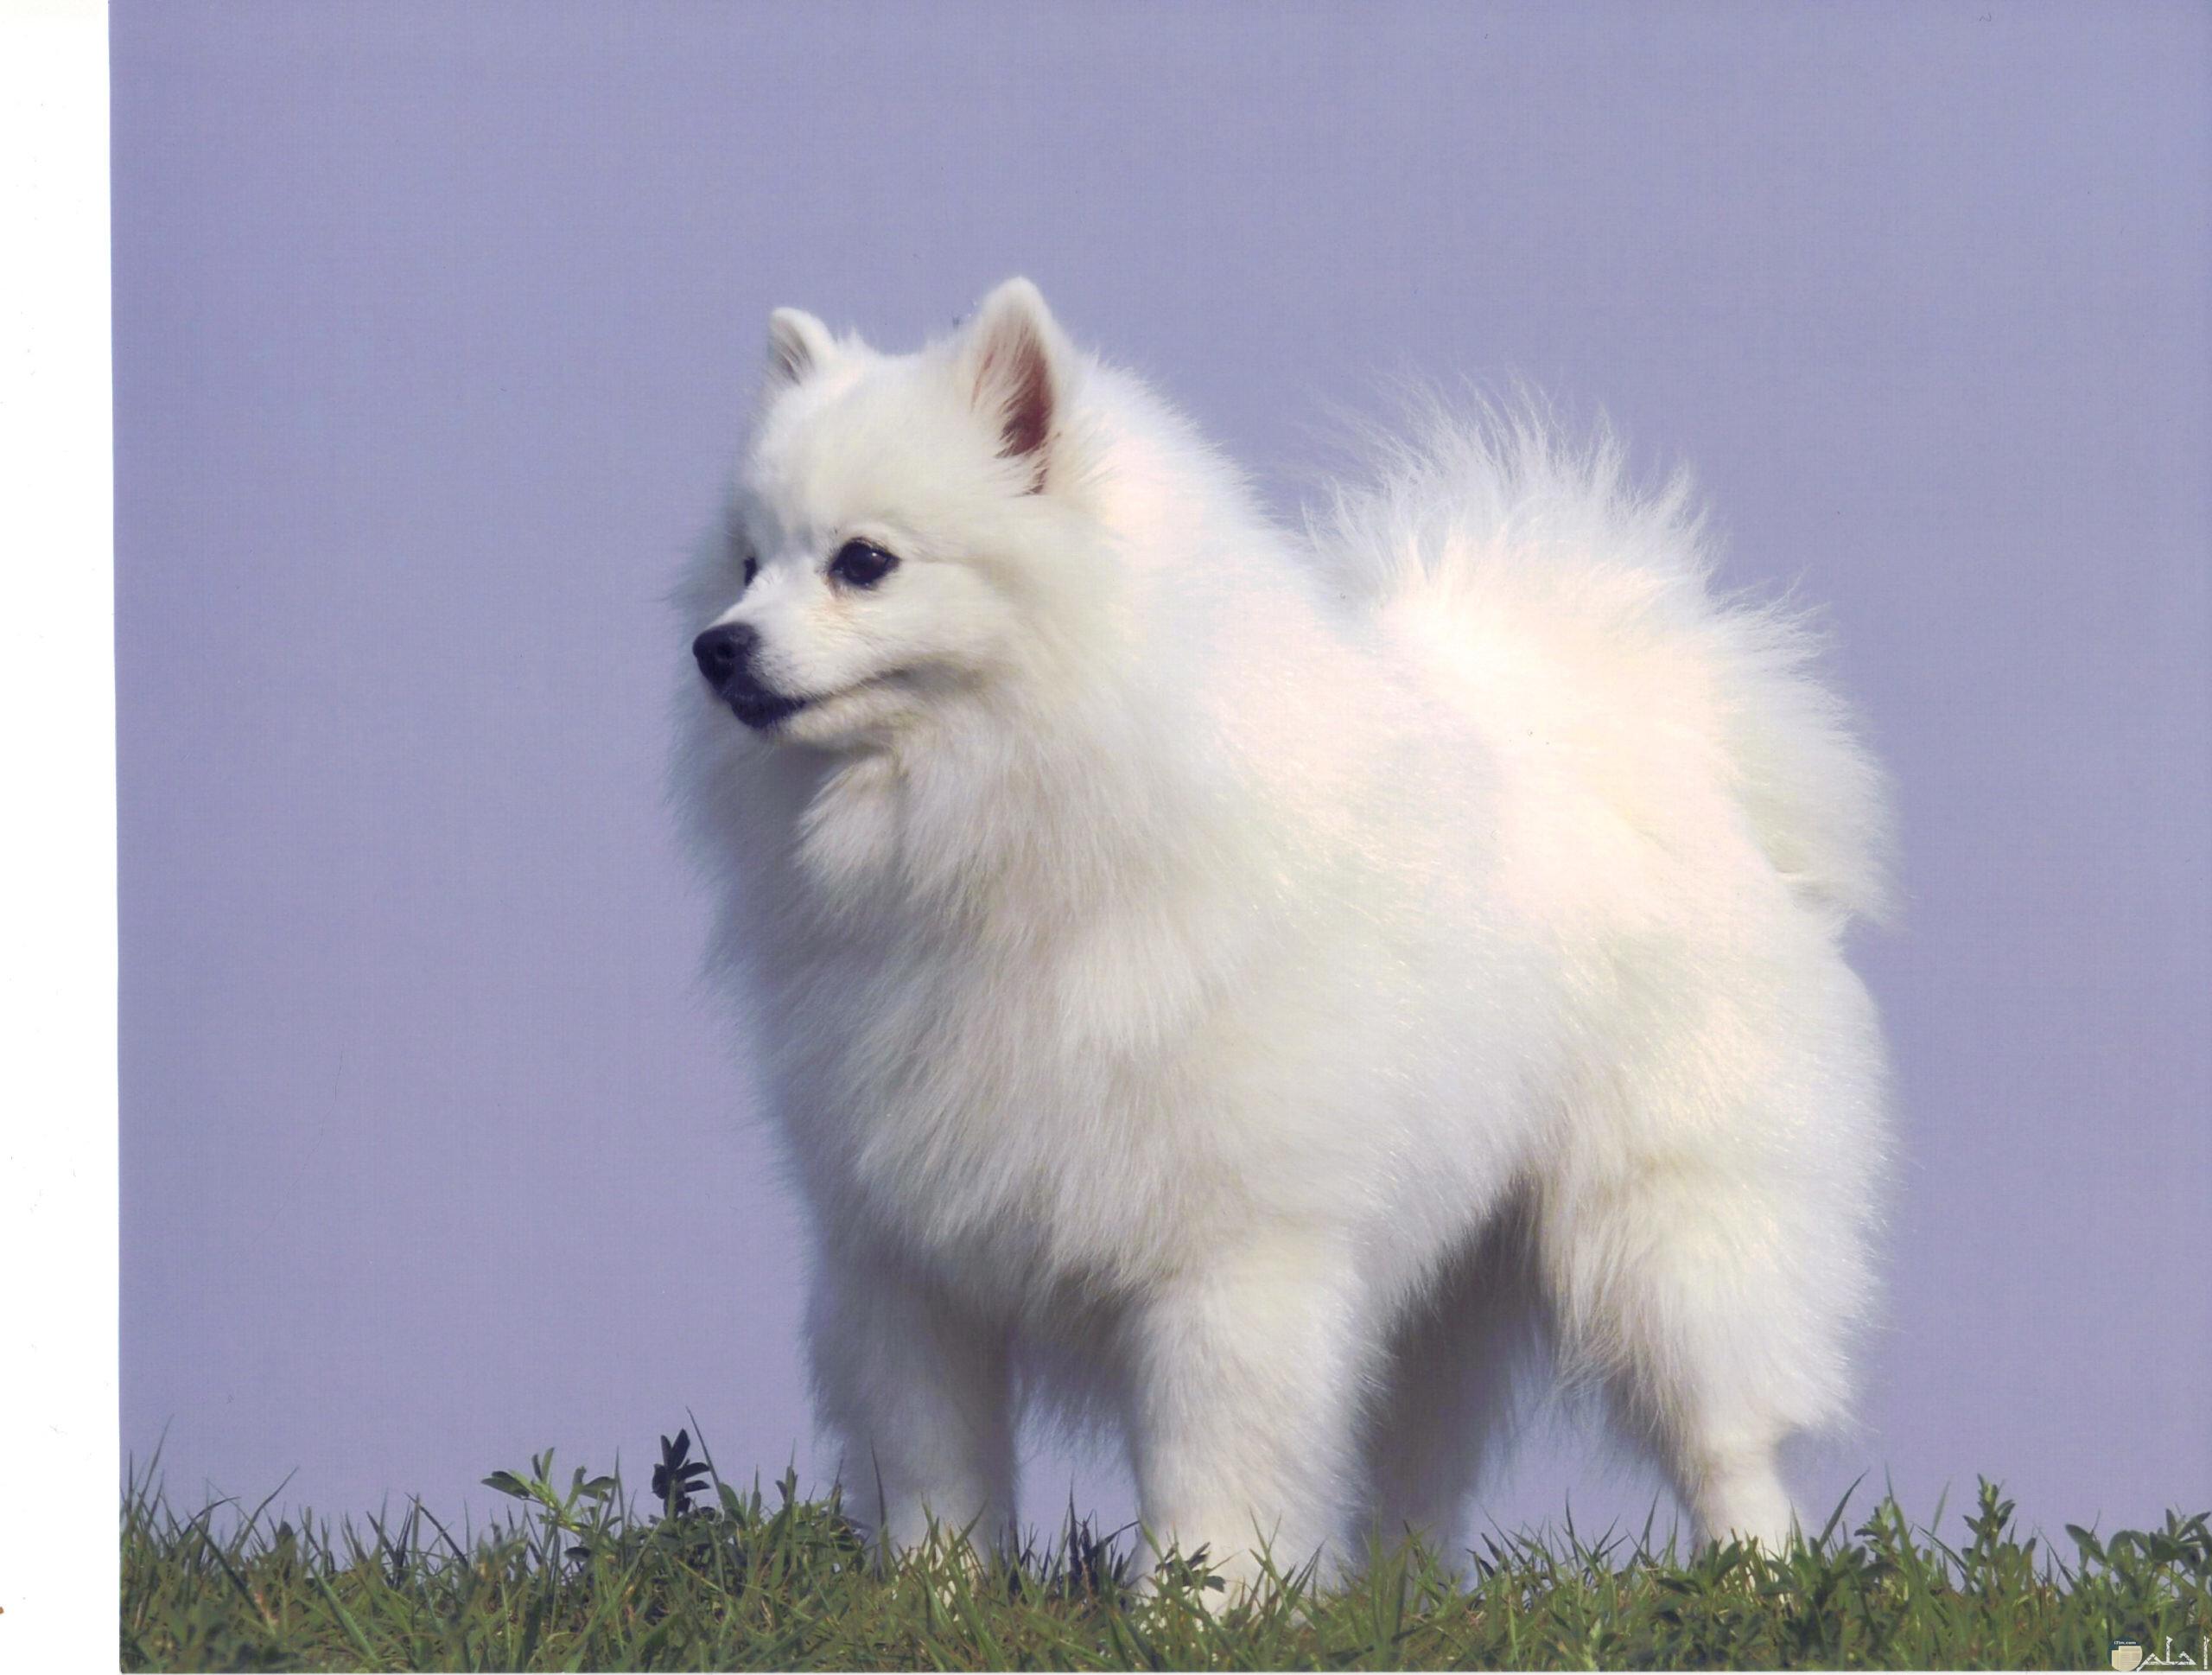 صورة كلب رومي يستعرض جسمه و شعره.